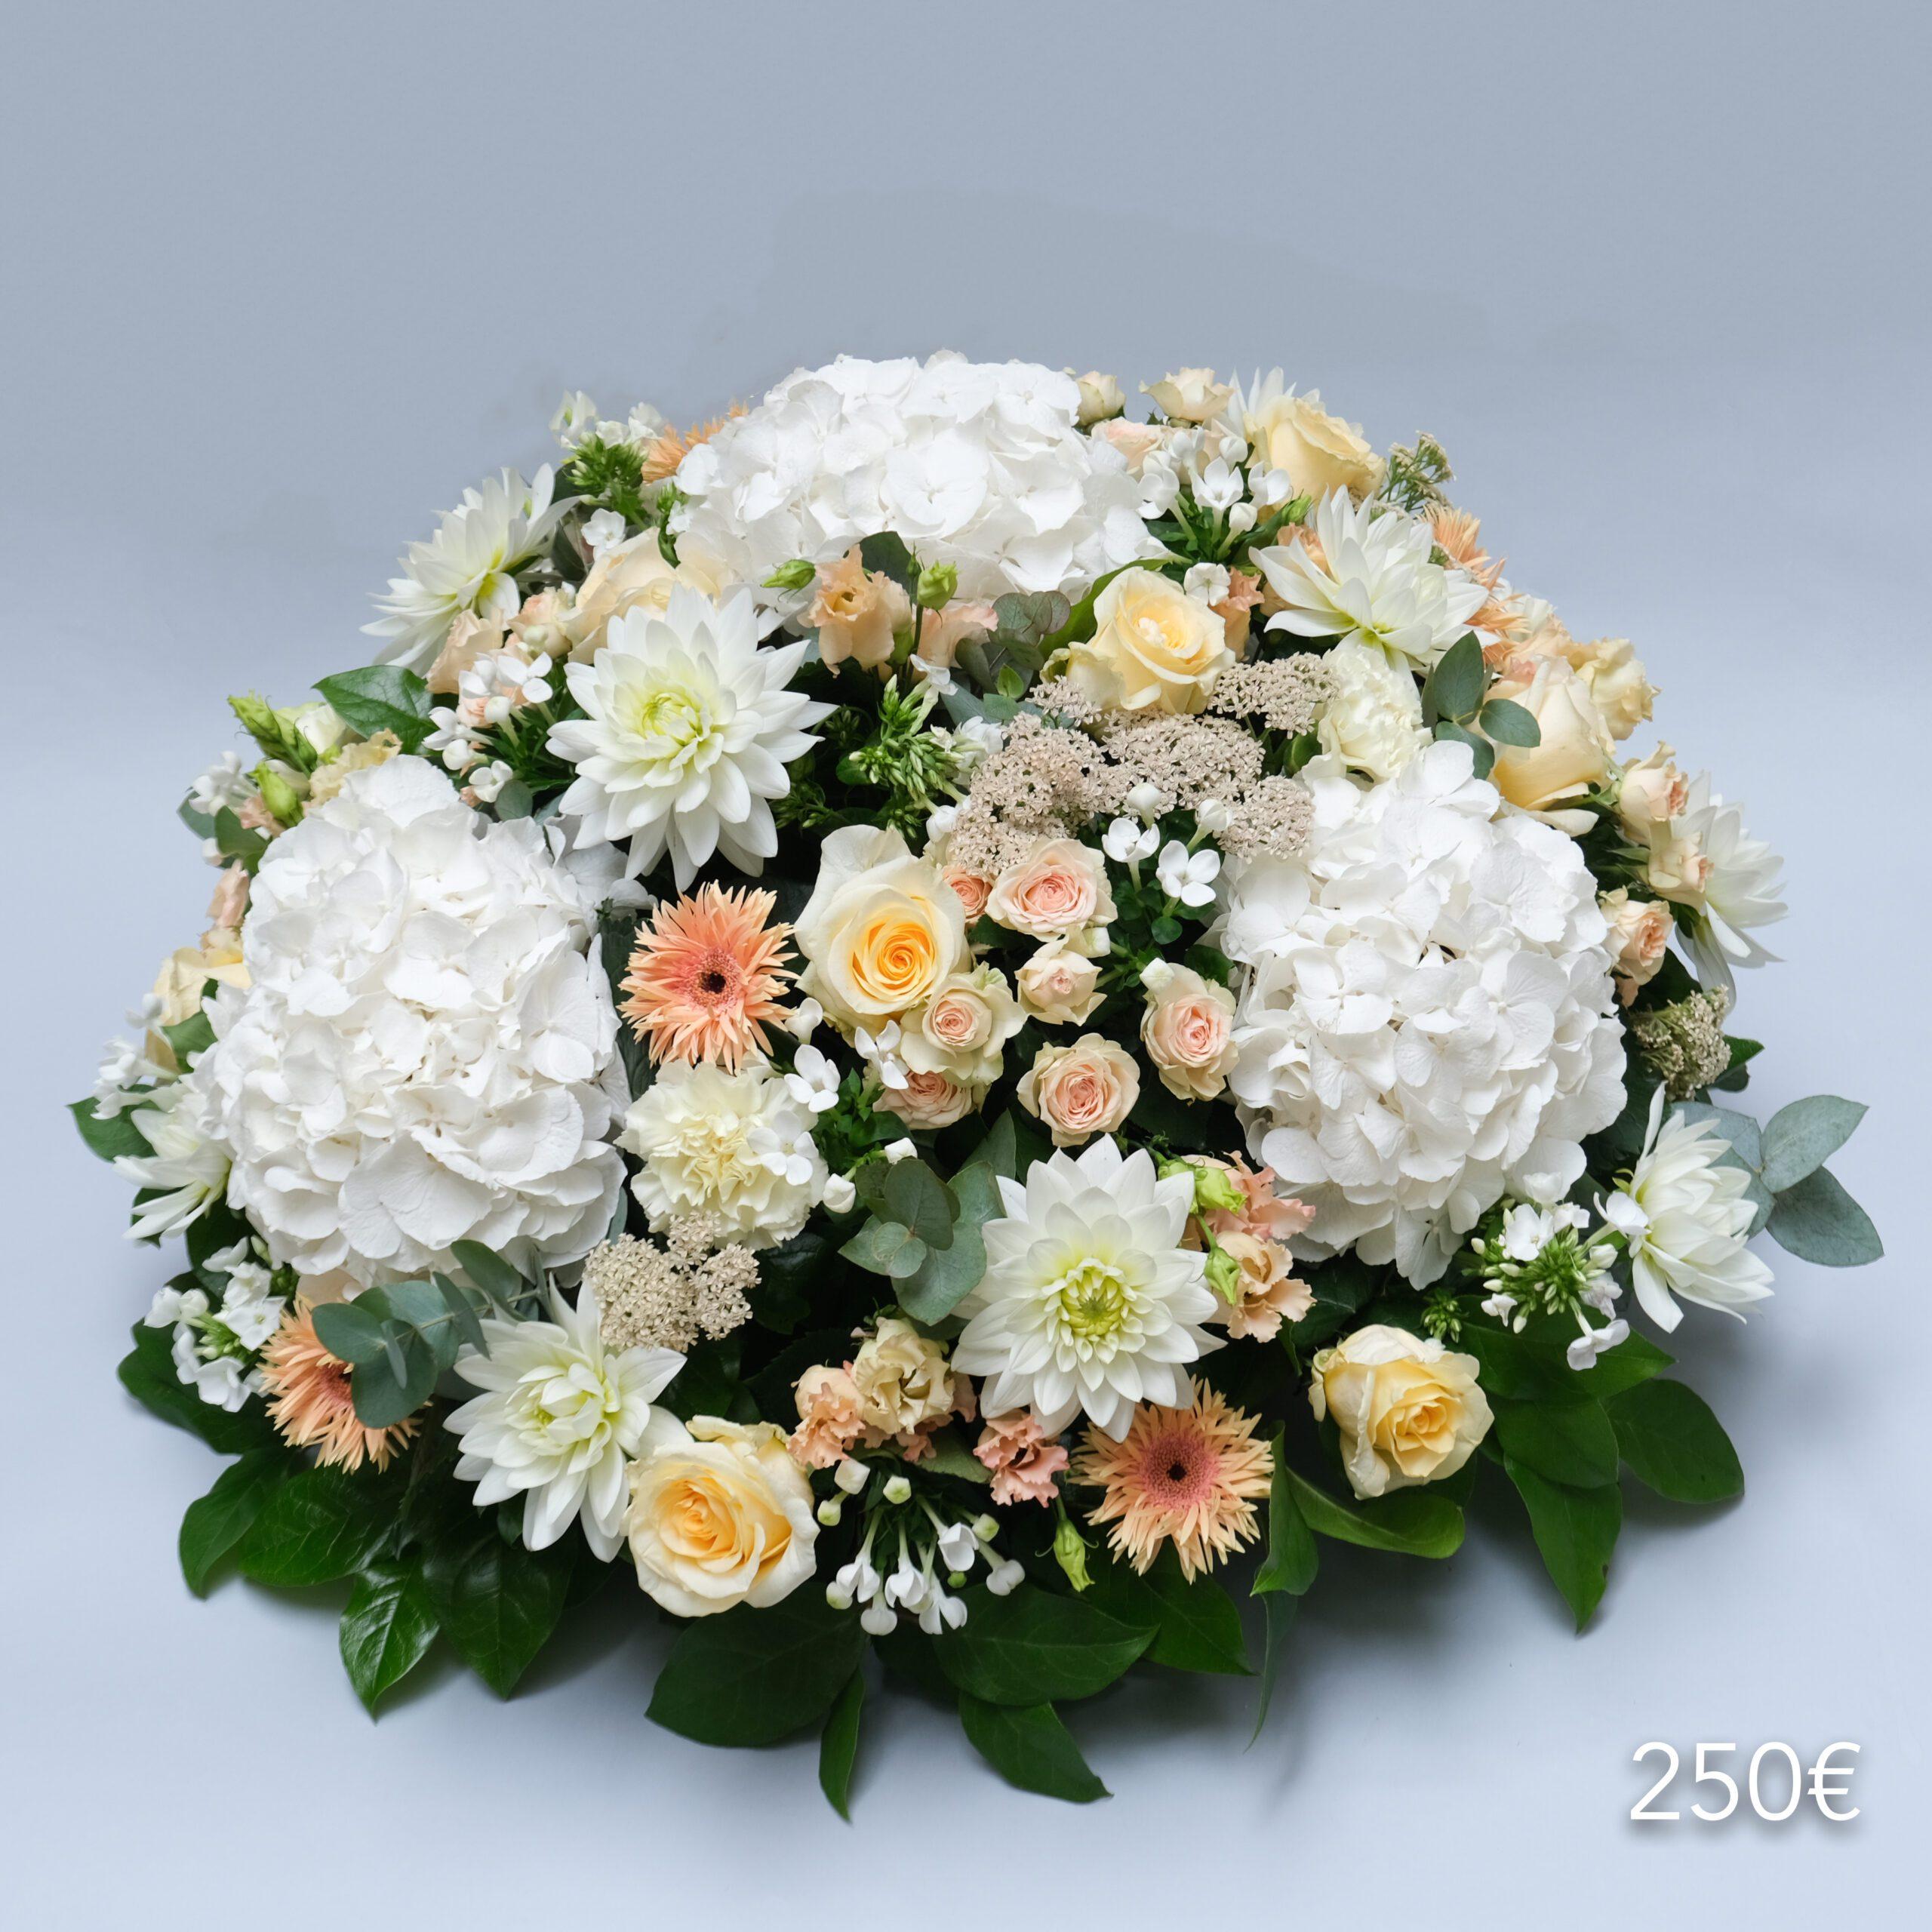 composition florale funérailles coussin atelier lavarenne 250€